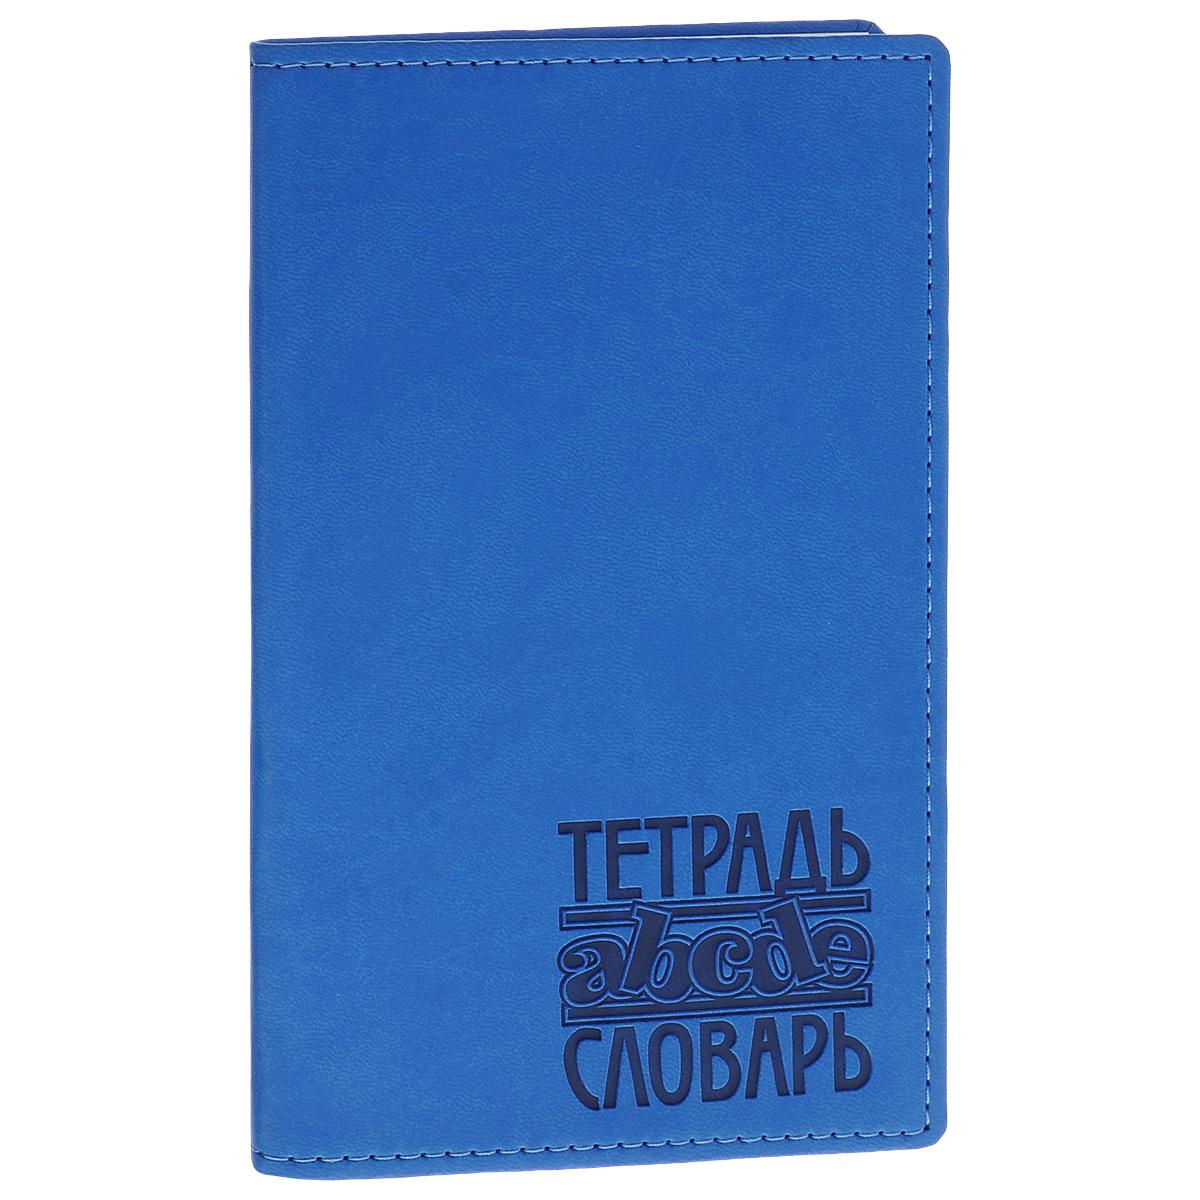 """Тетрадь-словарь """"Вивелла"""", цвет: синий, 48 листов, Триумф"""